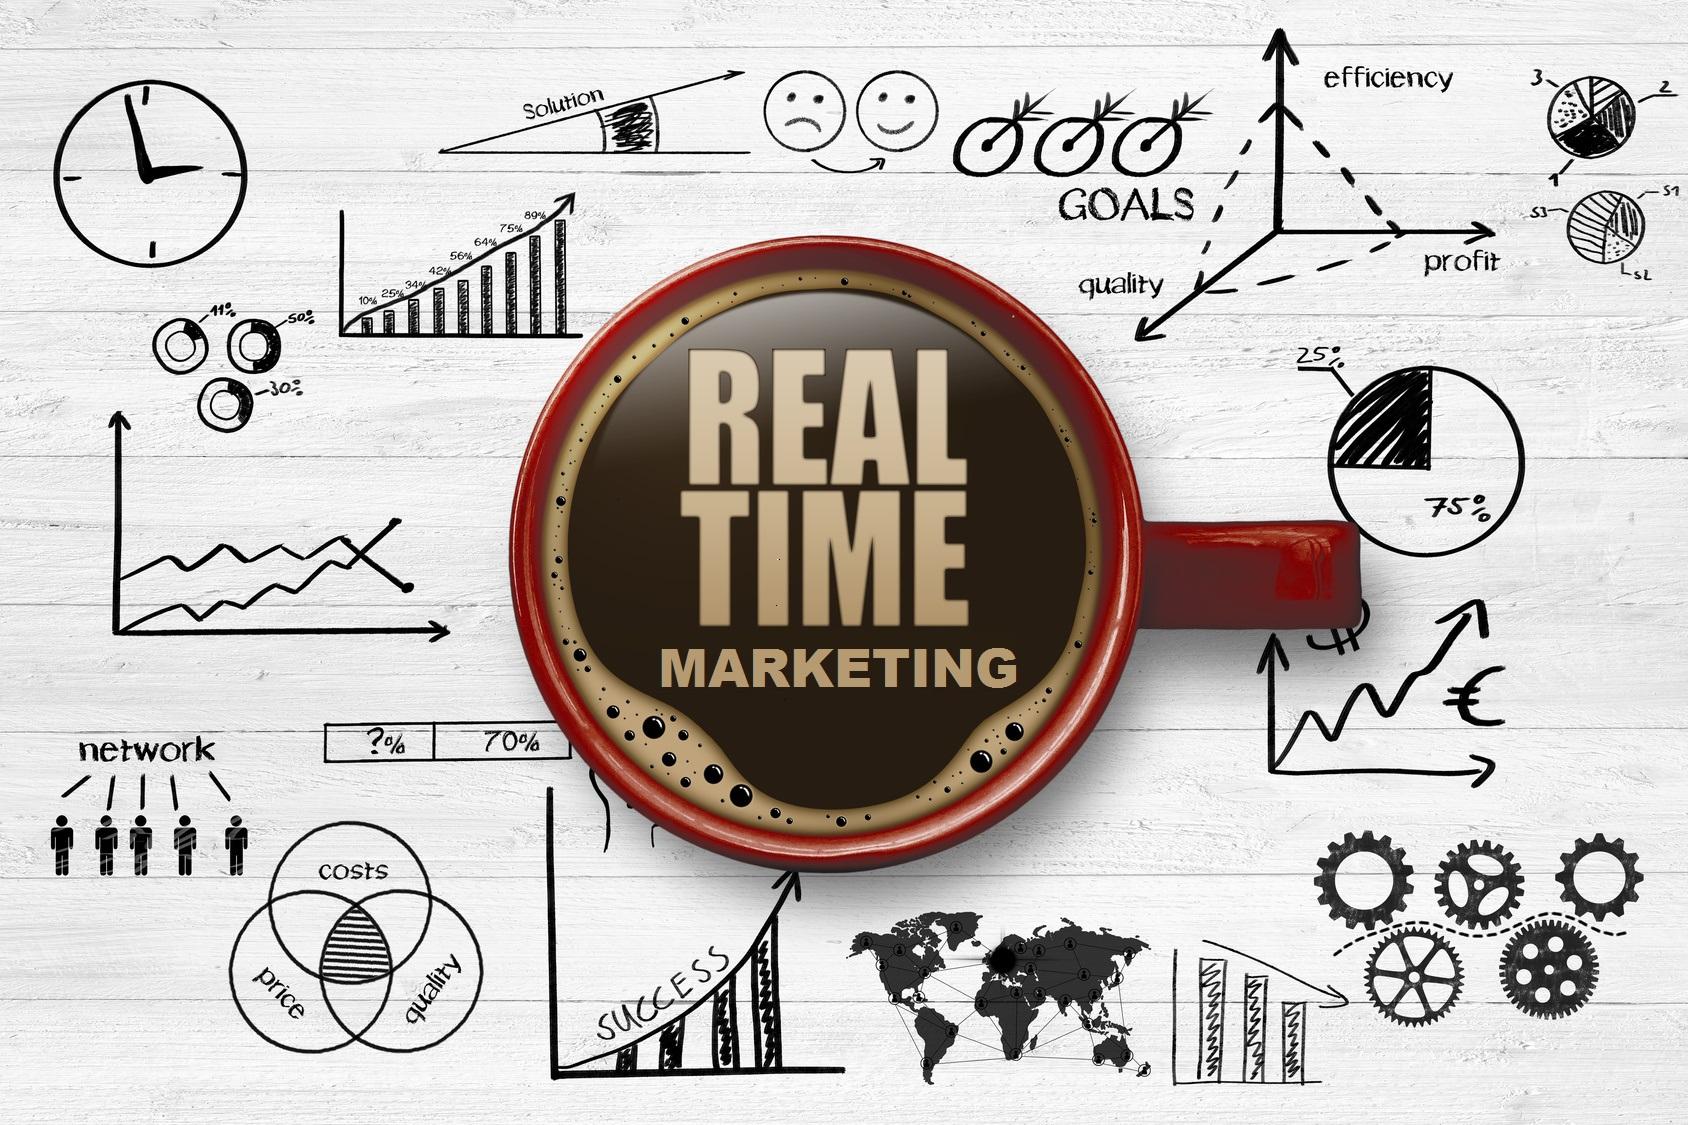 Real Time Marketing 500 zł na każde dziecko